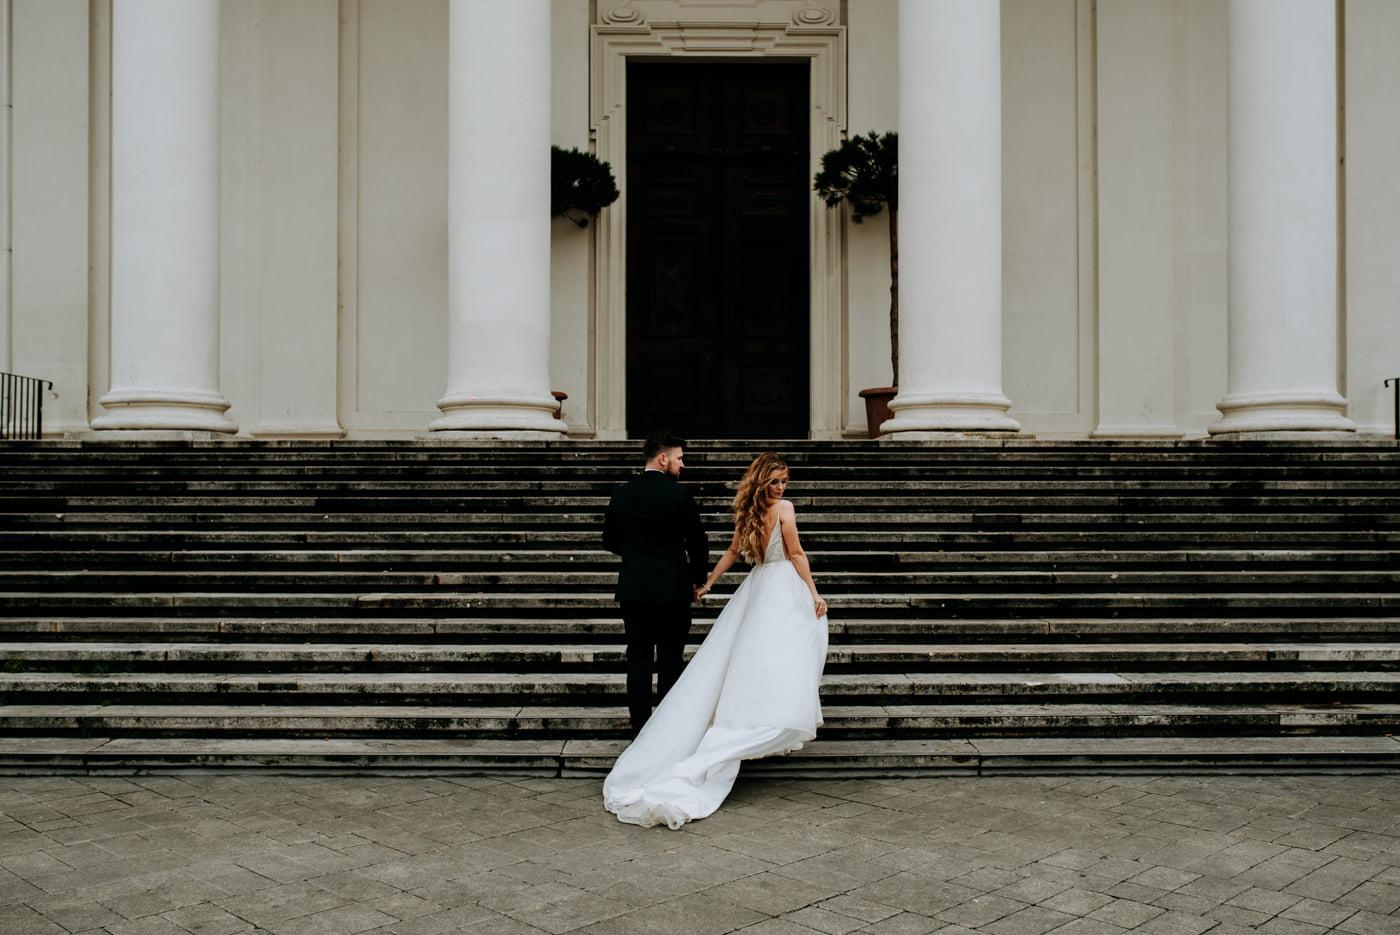 Sesja Ślubna w Wiedniu - Ania i Tomek 29